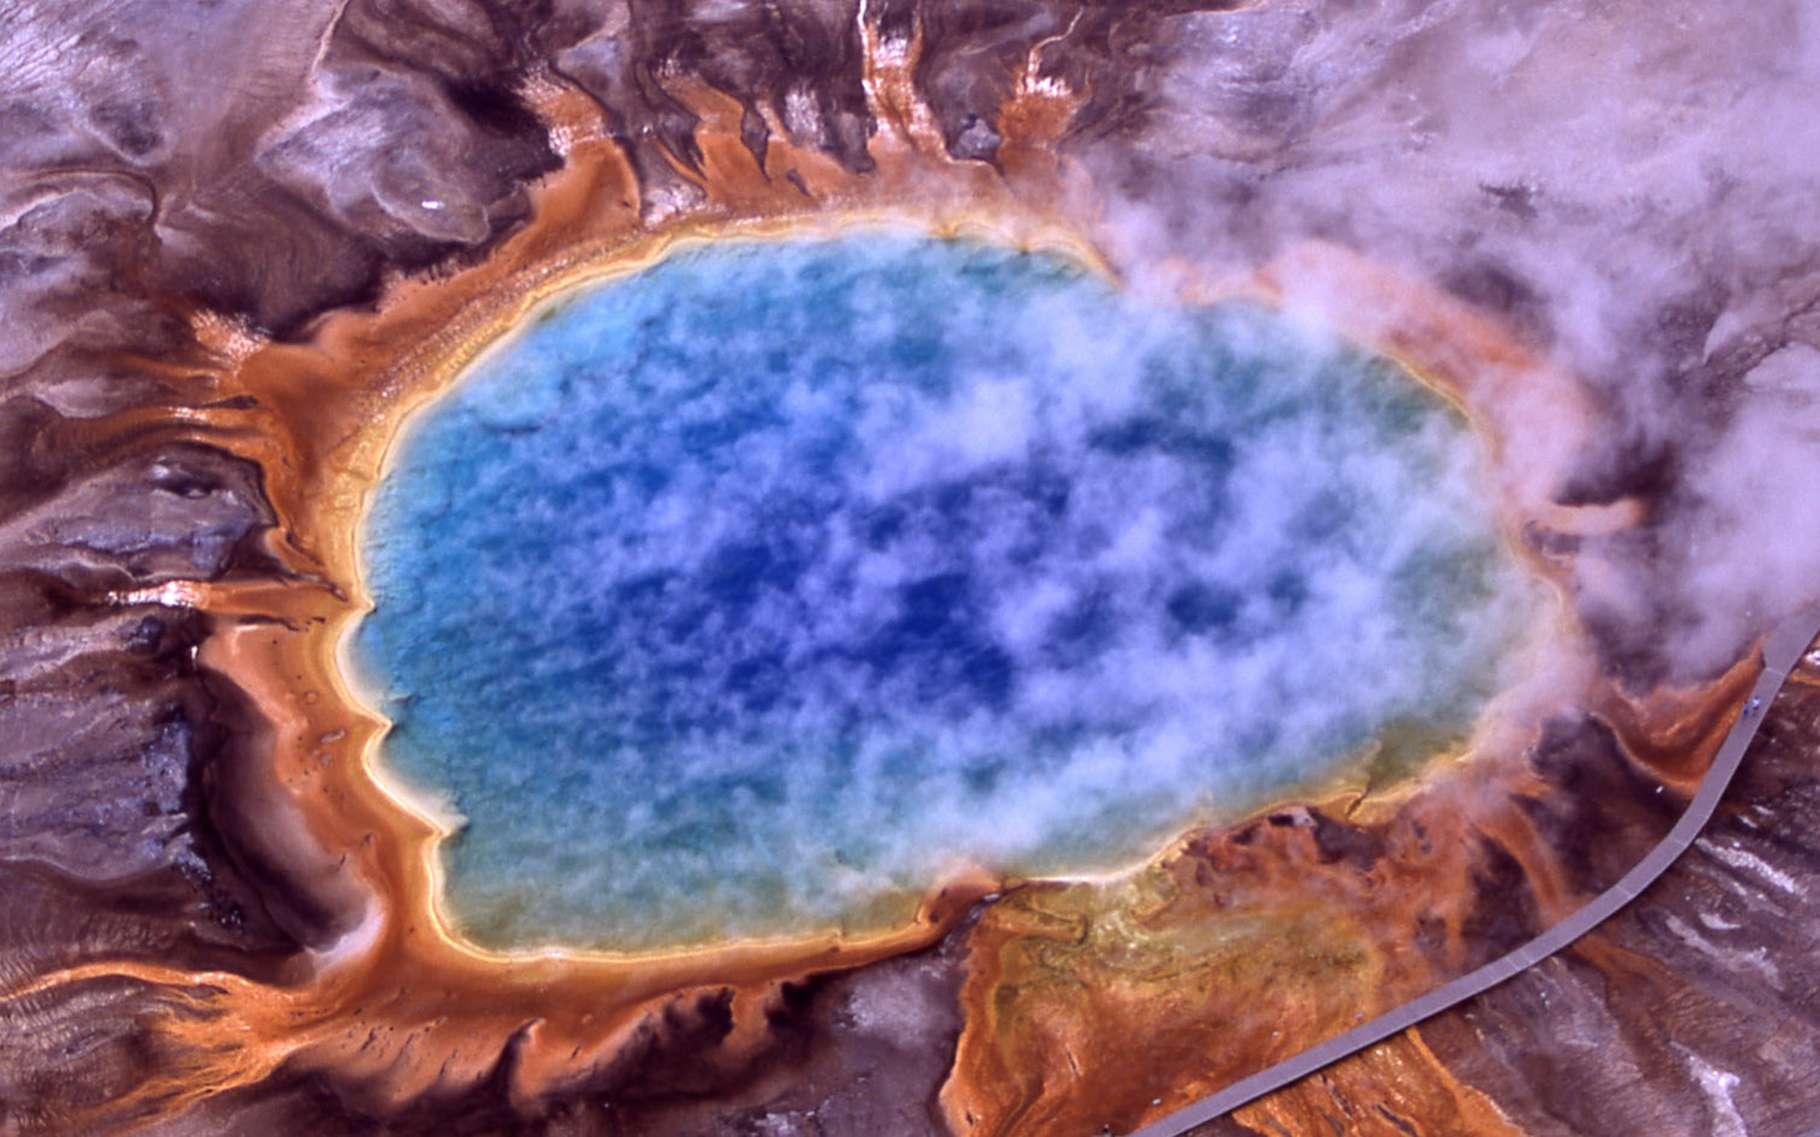 Le Grand Prismatic Spring, aux États-Unis, est l'un des plus beaux lacs colorés du monde. © Jim Peaco, National Park Service, Wikipedia, Domaine public